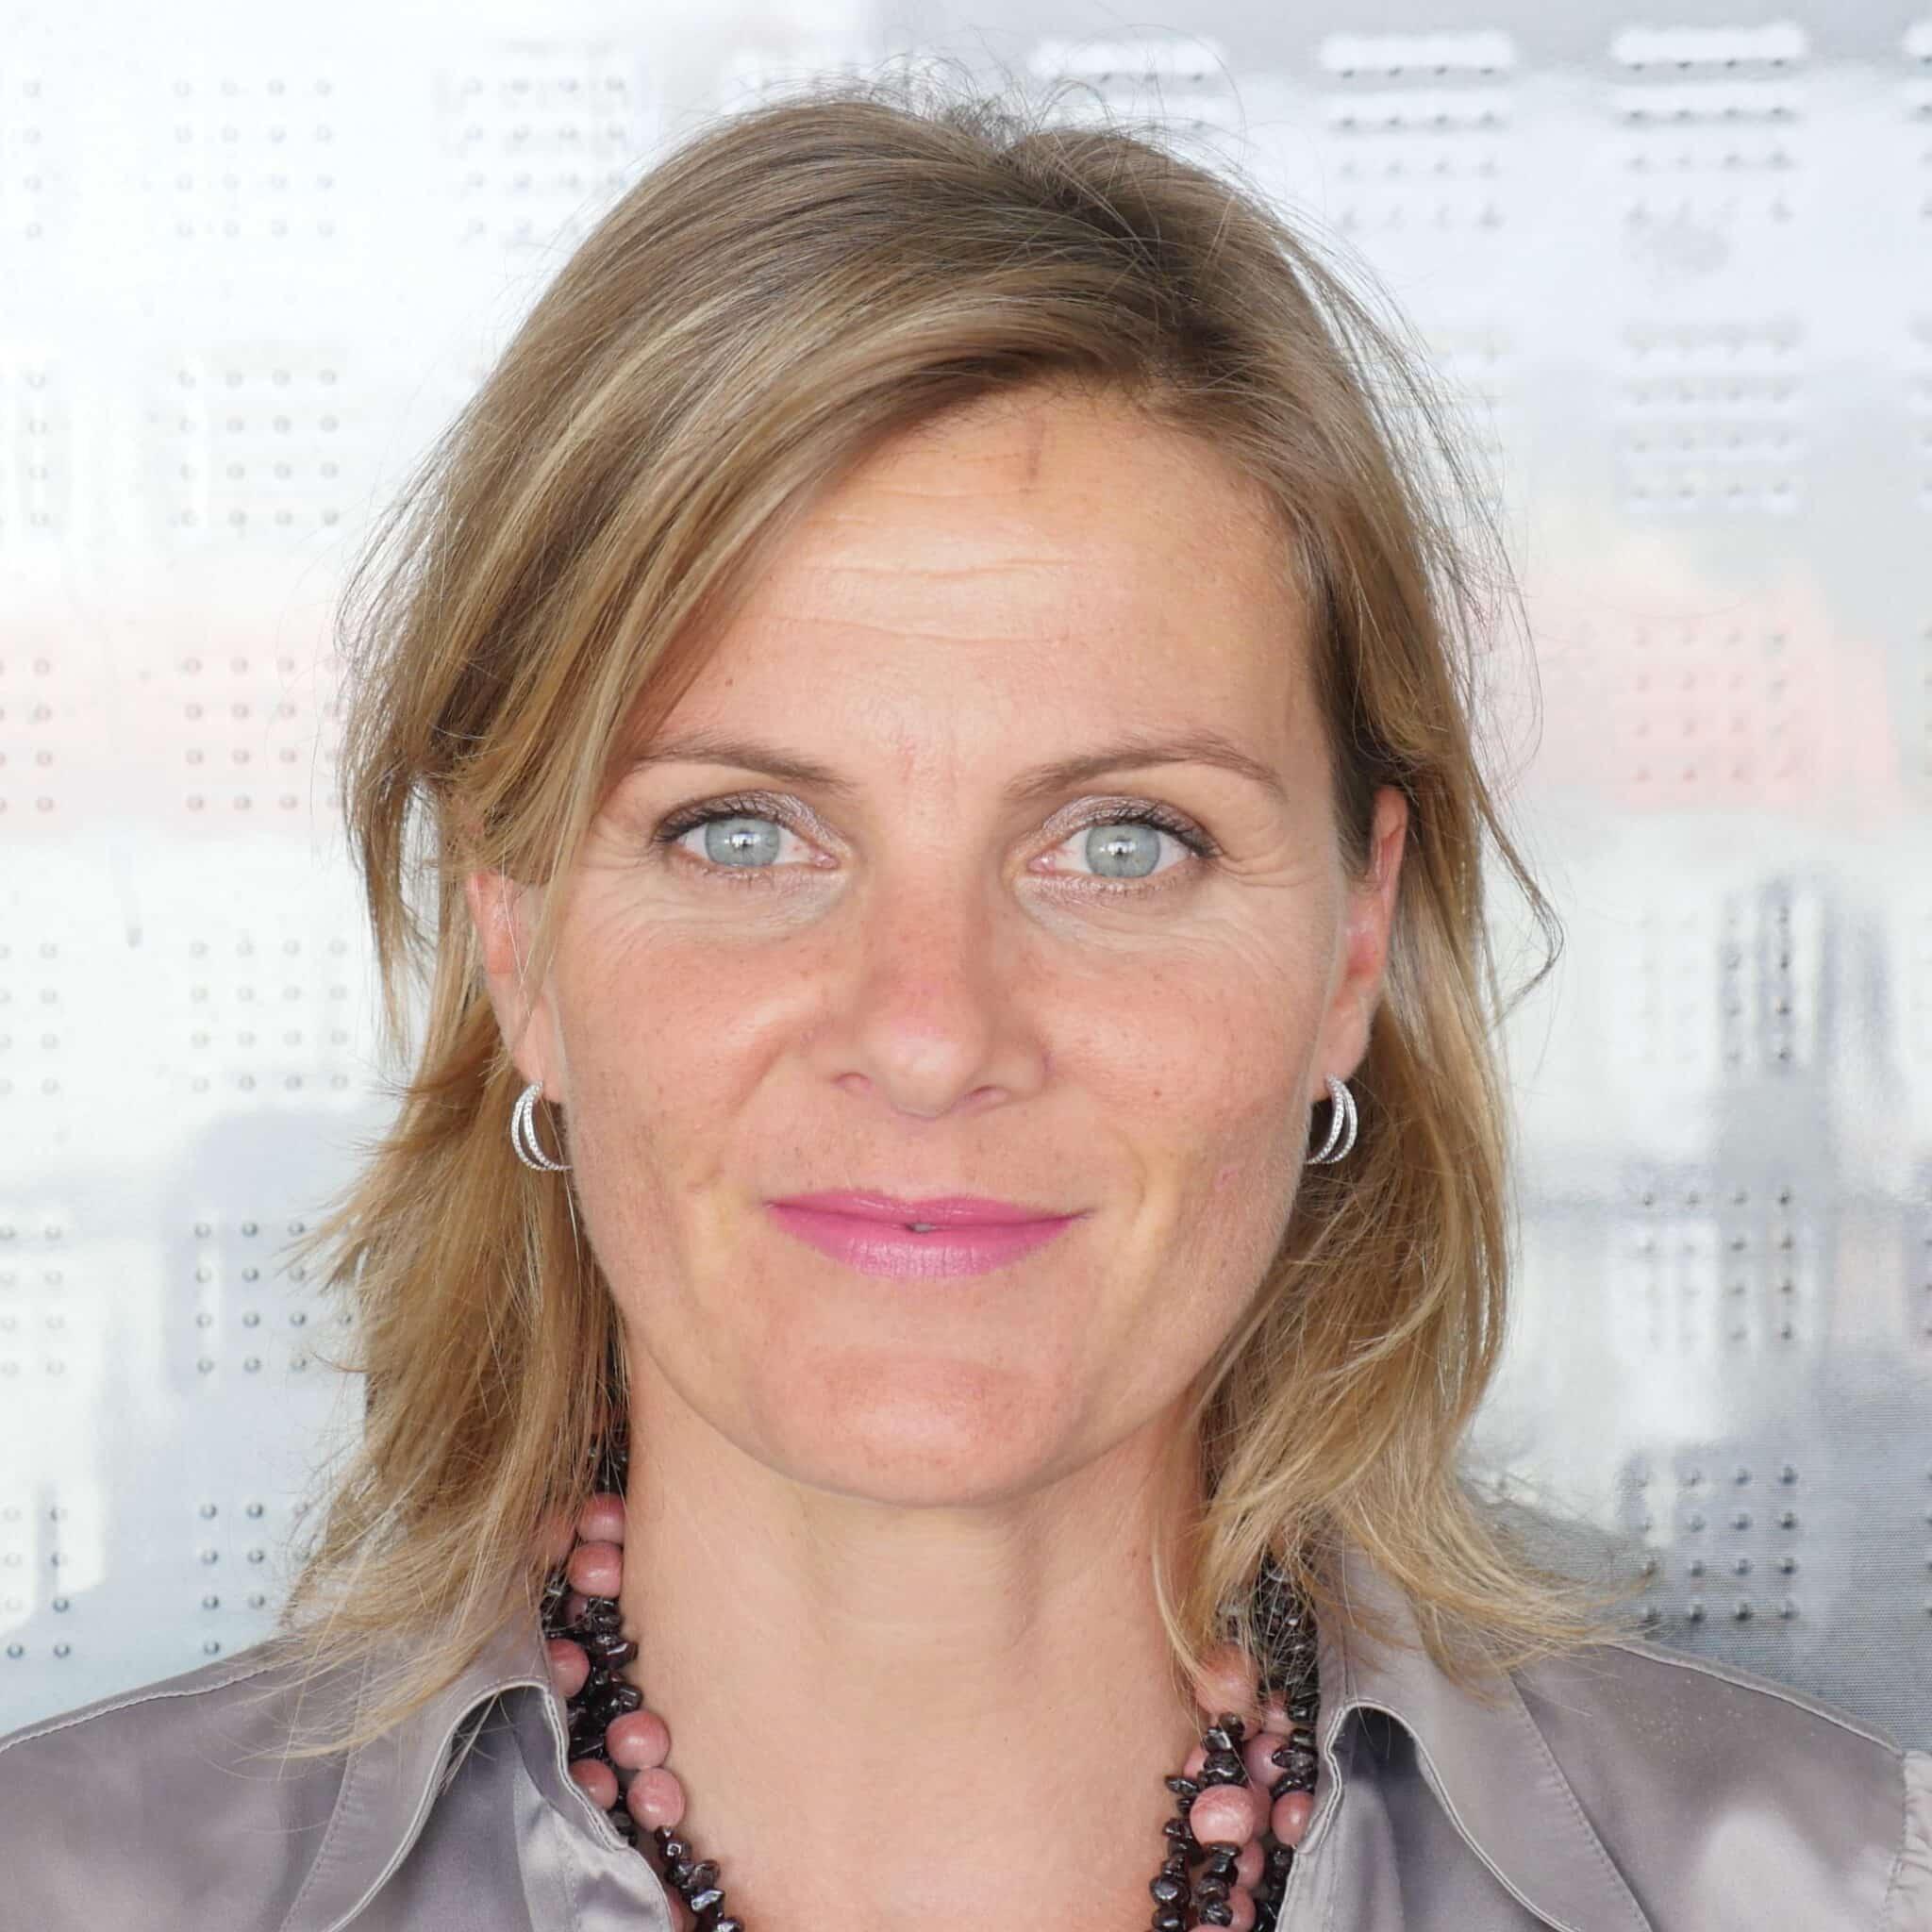 Muriel Andrieu-Semmel